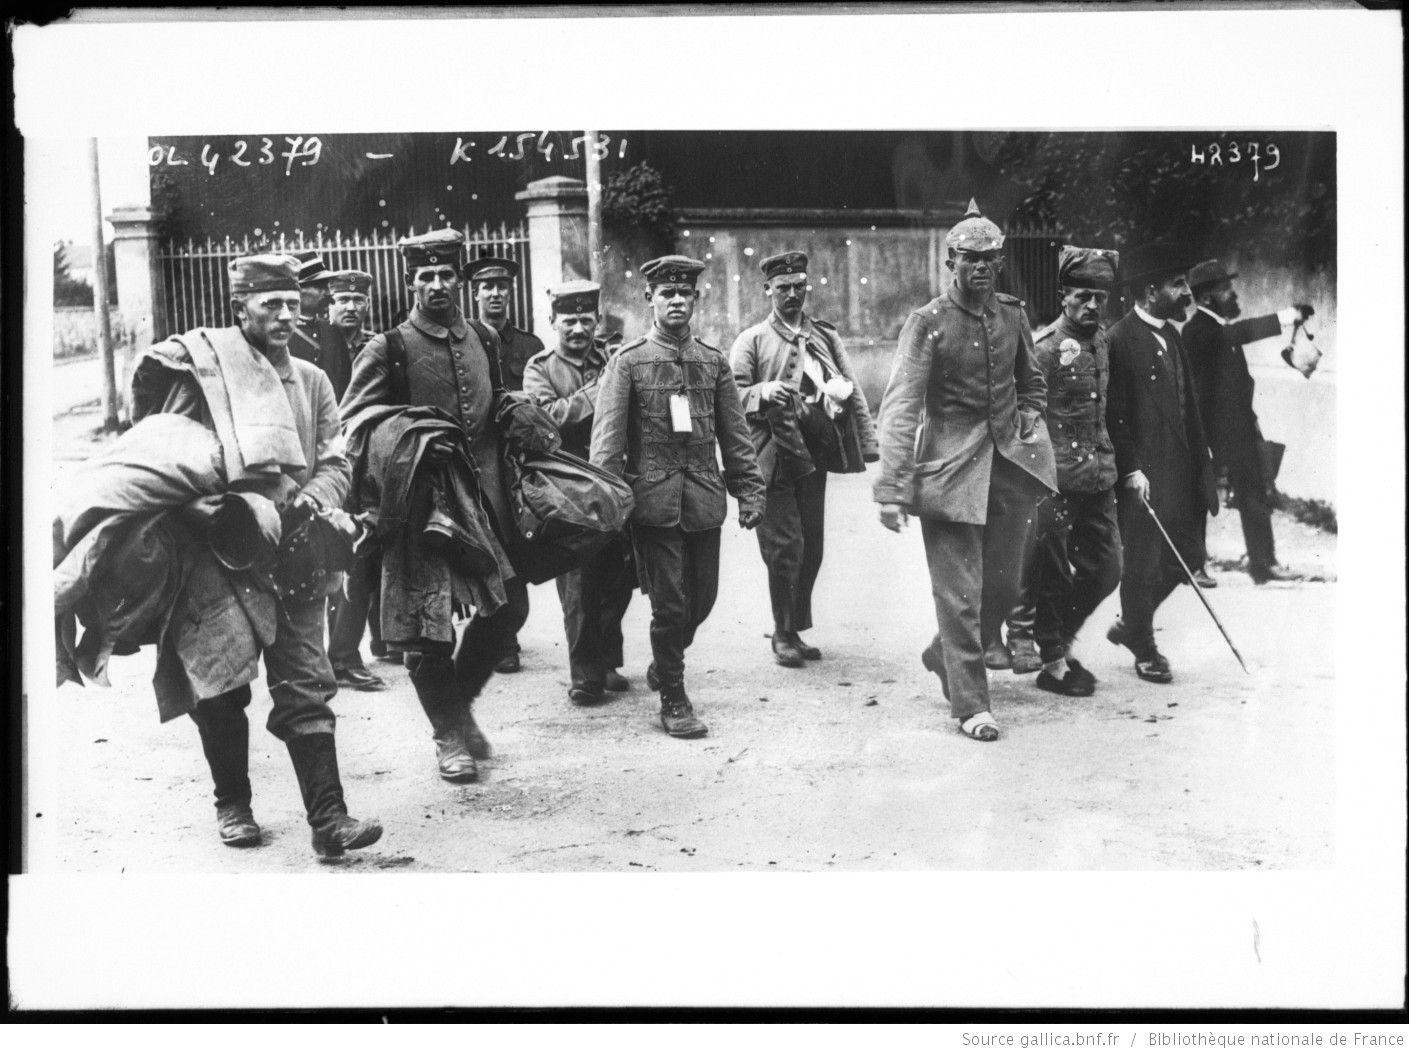 Soldats allemands faits prisonniers par les Anglais à la Ferté[-Gaucher, Seine-et-Marne] : [photographie de presse] / [Agence Rol]